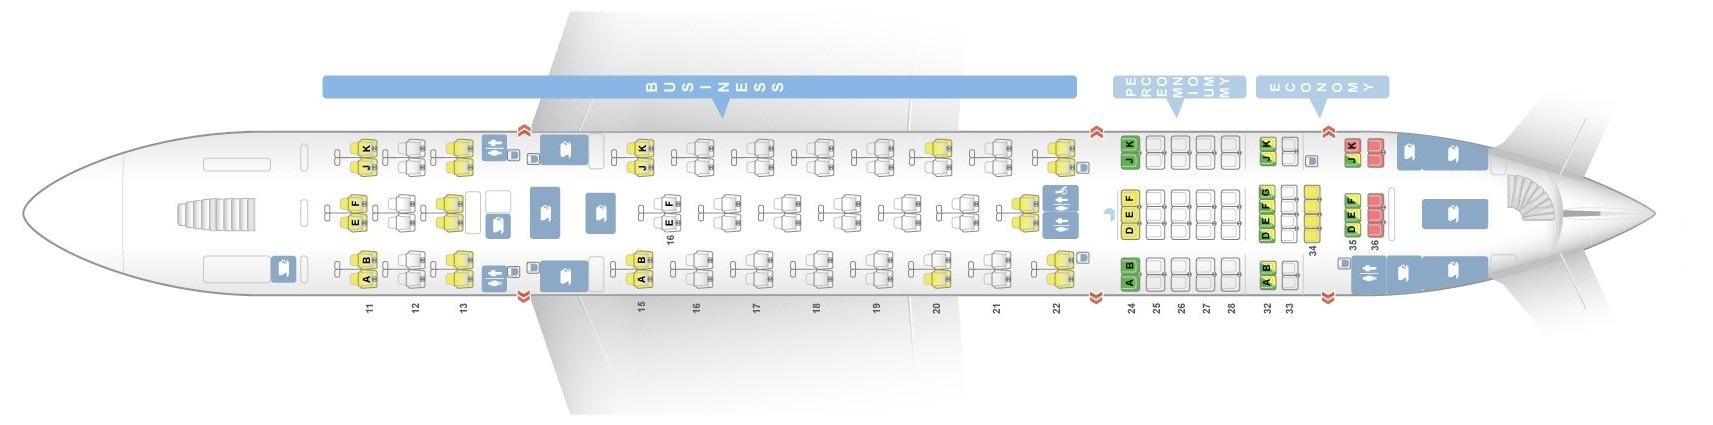 qantas_airways_airbus_a380